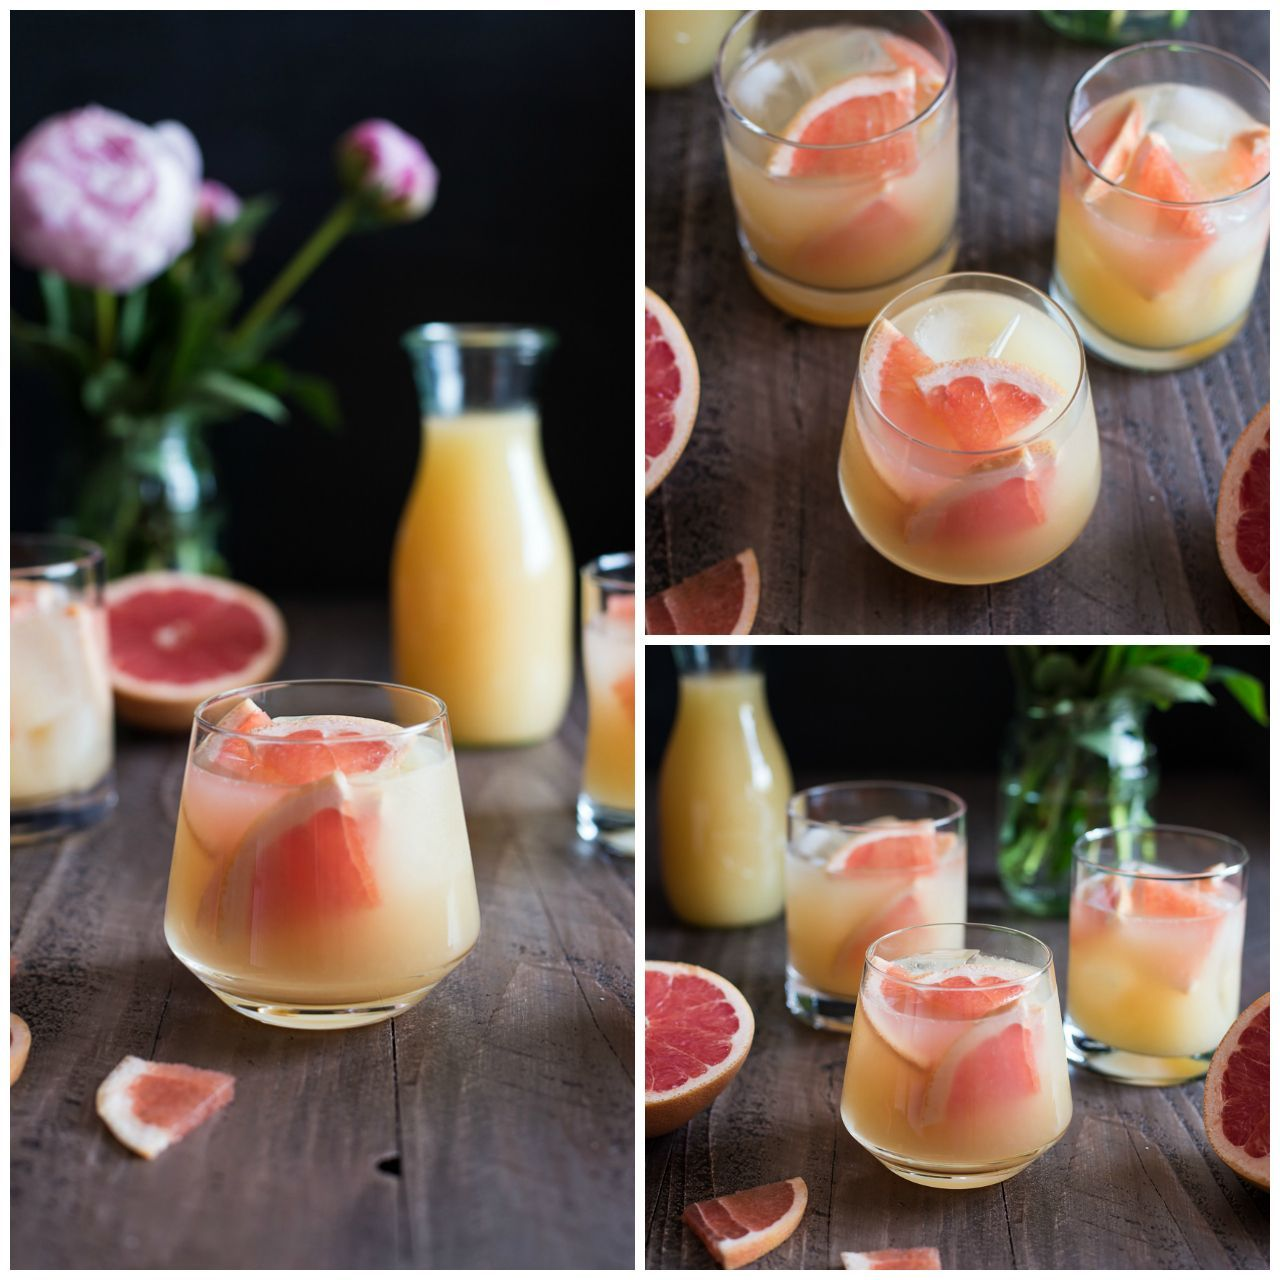 Bourbon Grapefruit Cocktail #grapefruitcocktail Bourbon Grapefruit Cocktail #grapefruitcocktail